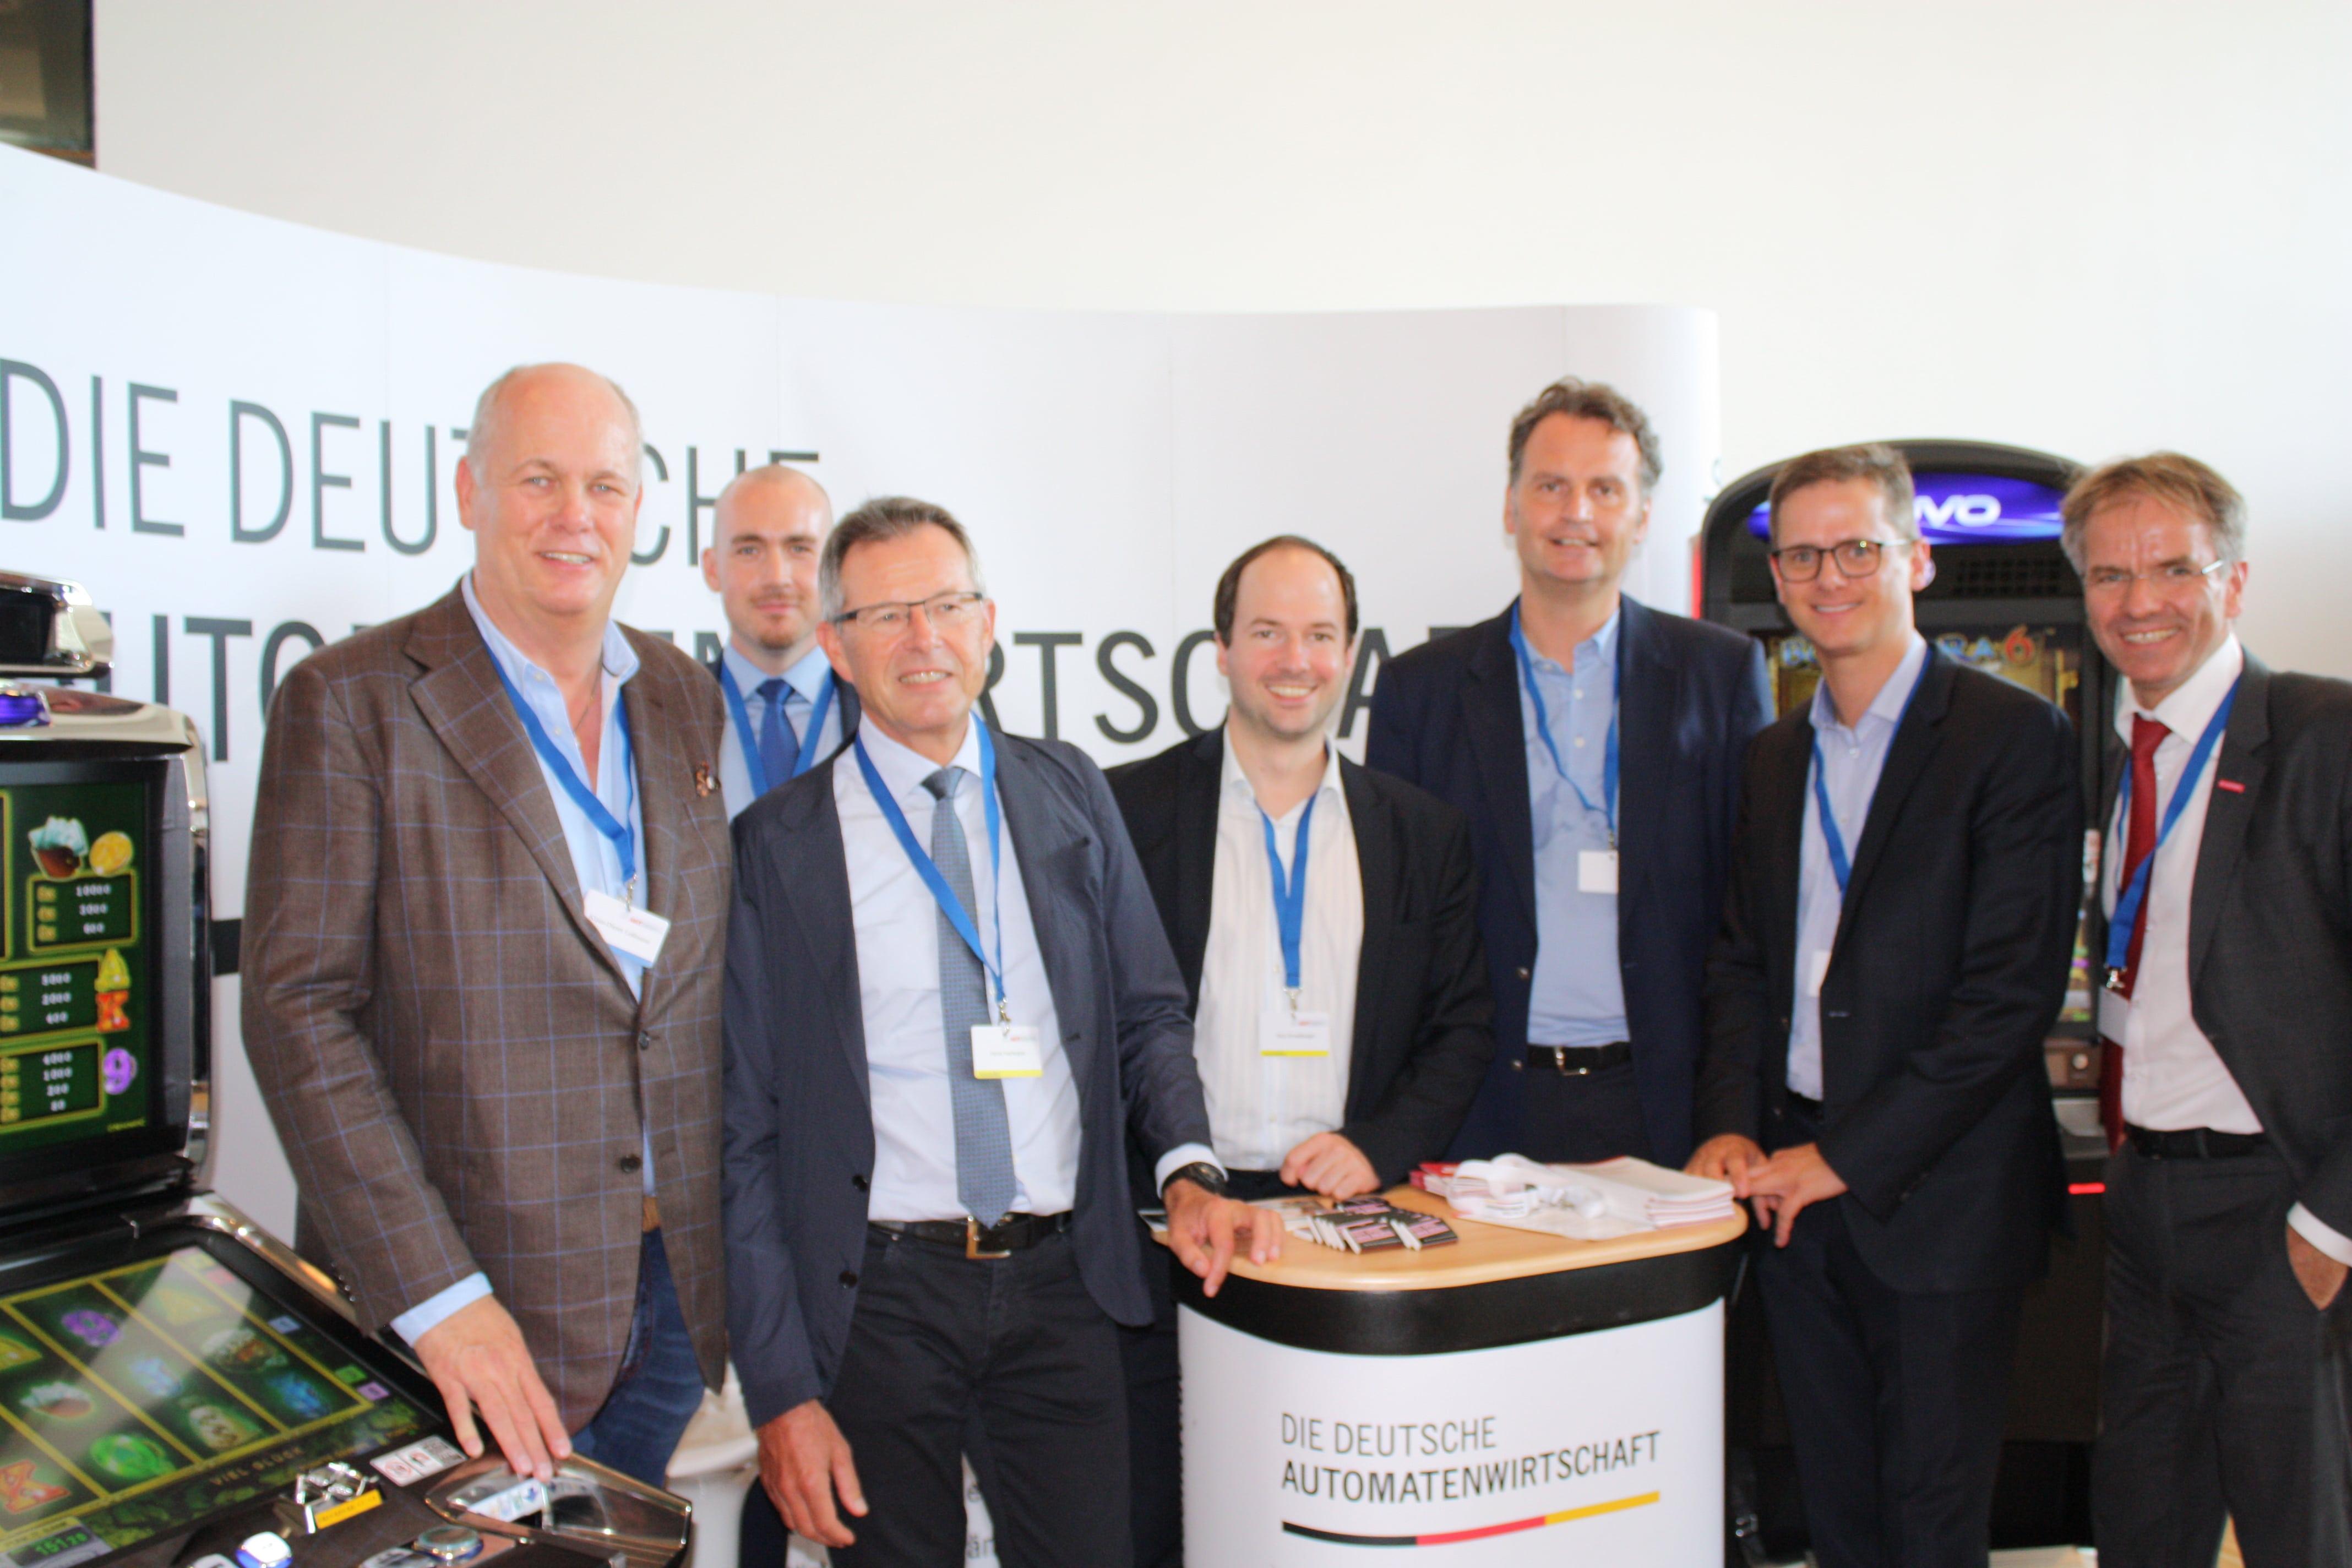 FOTO: MIT Im Gespräch mit der MIT NRW (v.l.n.r. Herr Klaus-Dieter Leßmann (FORUM), Herr Alexander Eisinger (Löwen-Entertainment), Herr Horst Hartmann (DAV), Herr Nico Ernstberger (DAW), Herr Dr. Günter Krings (MIT & MdB), Herr Carsten Linnemann (MIT-Bundesvorsitzender & MdB), Herr Andreas Ehlert (MIT).